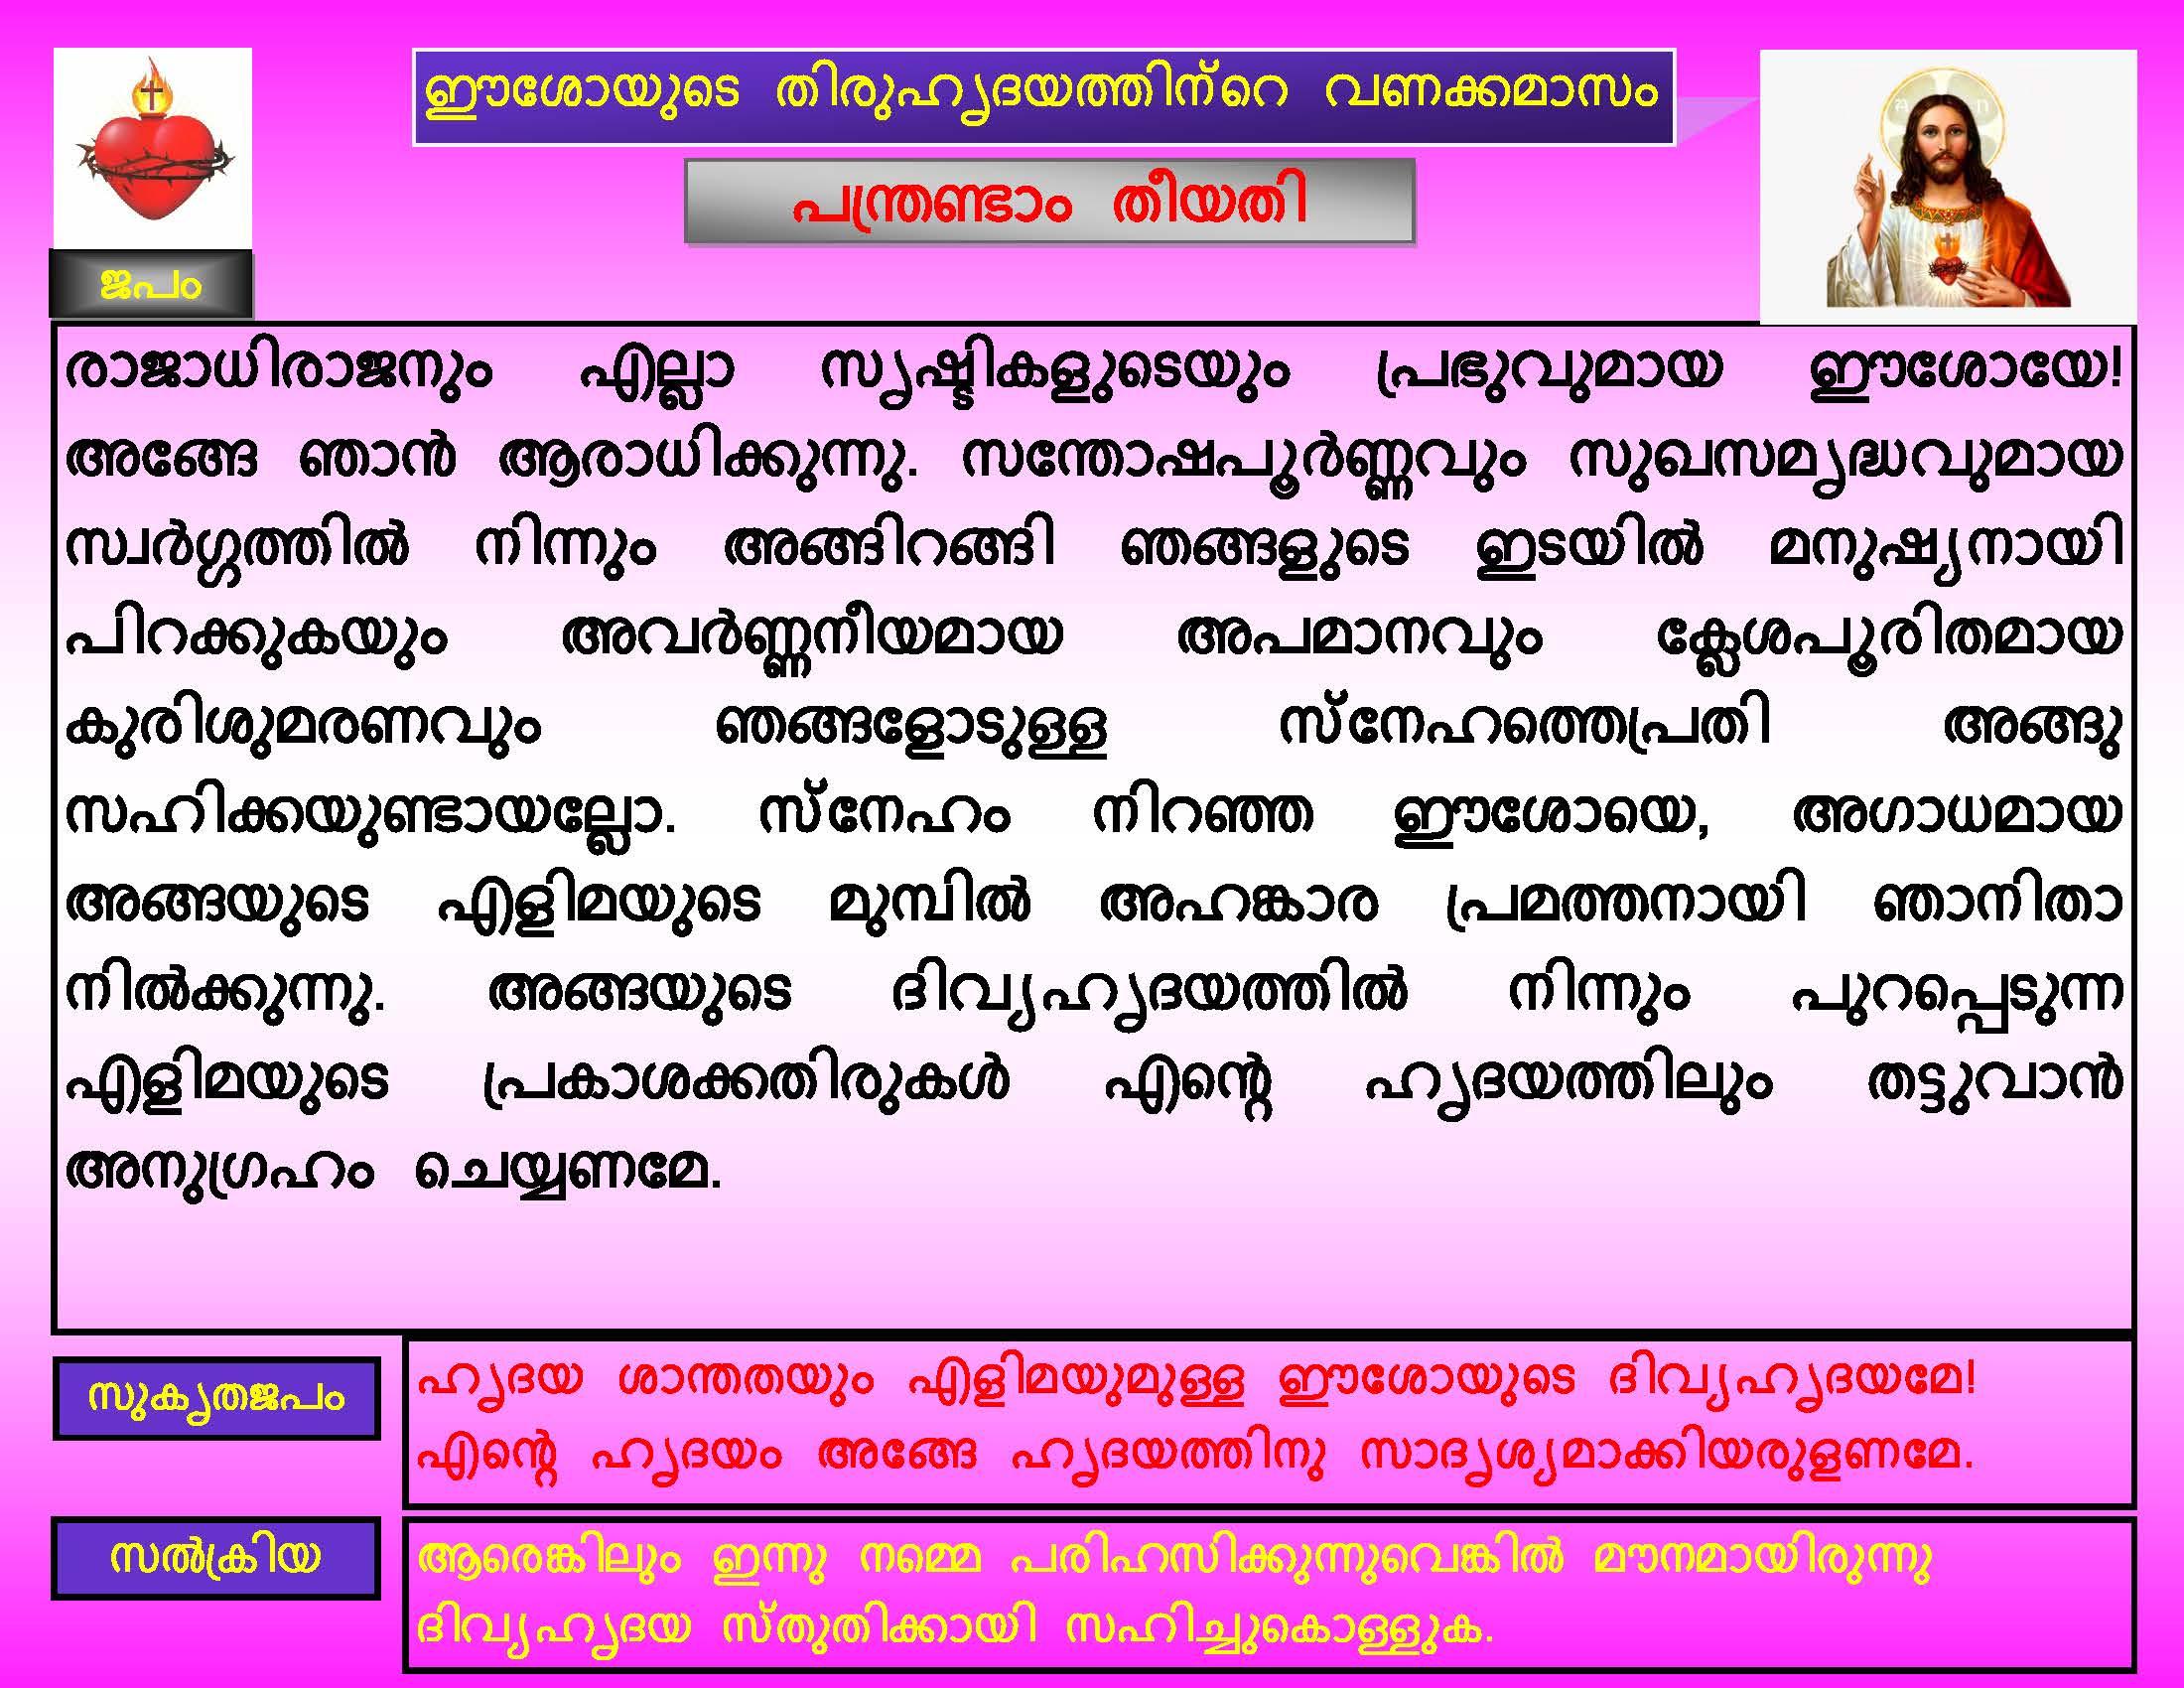 Thiruhrudaya Vanakkamasam - Day 12